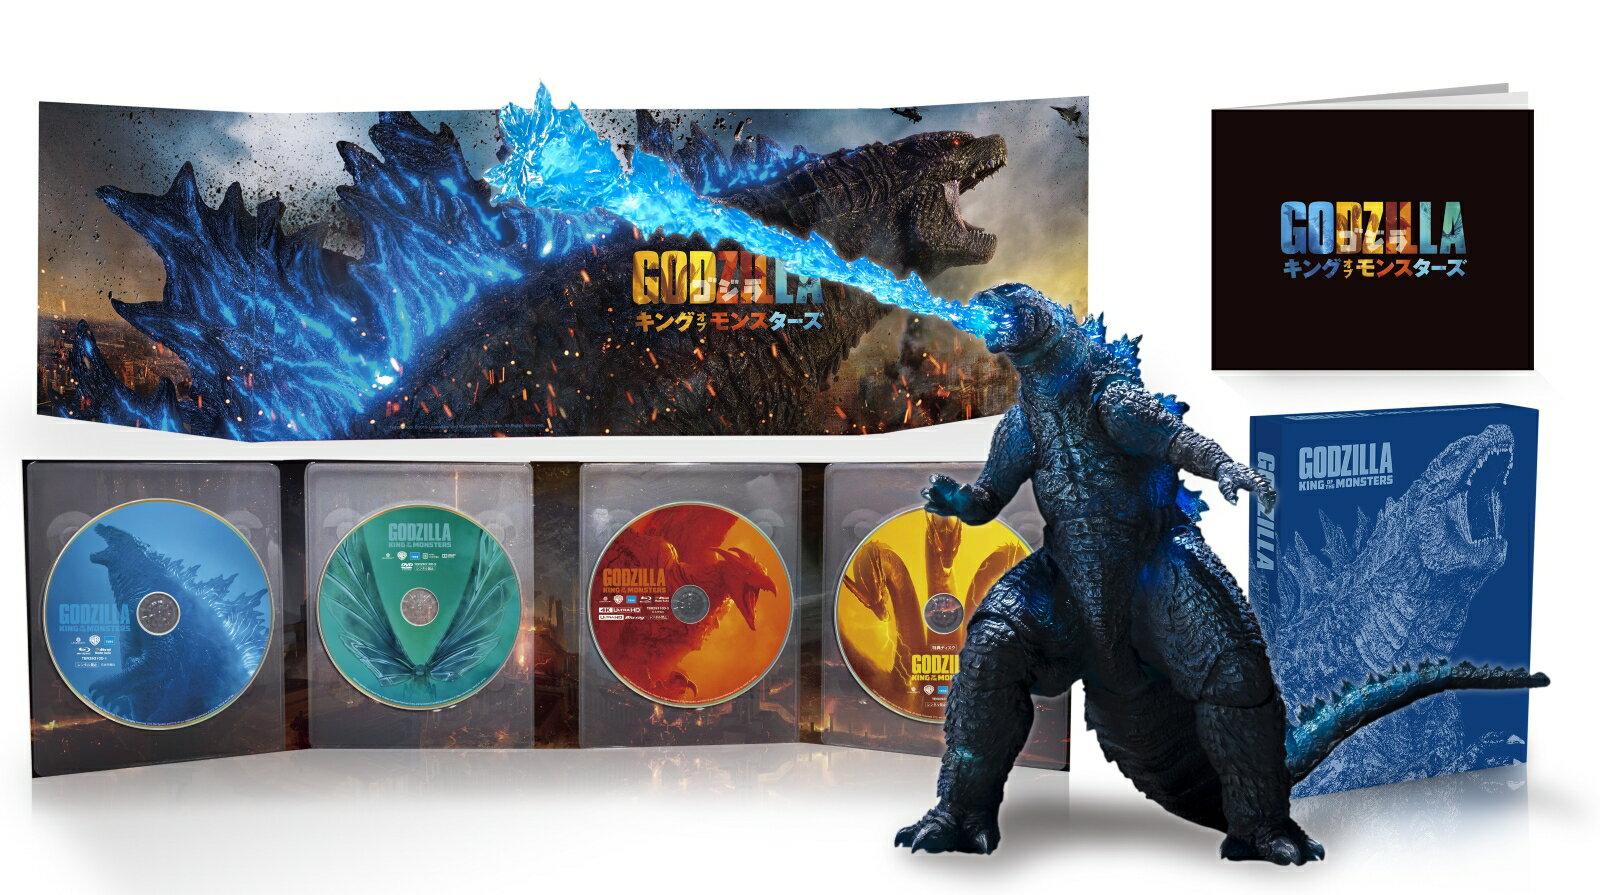 【先着特典】ゴジラ キング・オブ・モンスターズ 完全数量限定生産4枚組 S.H.MonsterArts GODZILLA[2019] Poster Color Ver. 同梱(A4クリアファイル付き)【4K ULTRA HD】